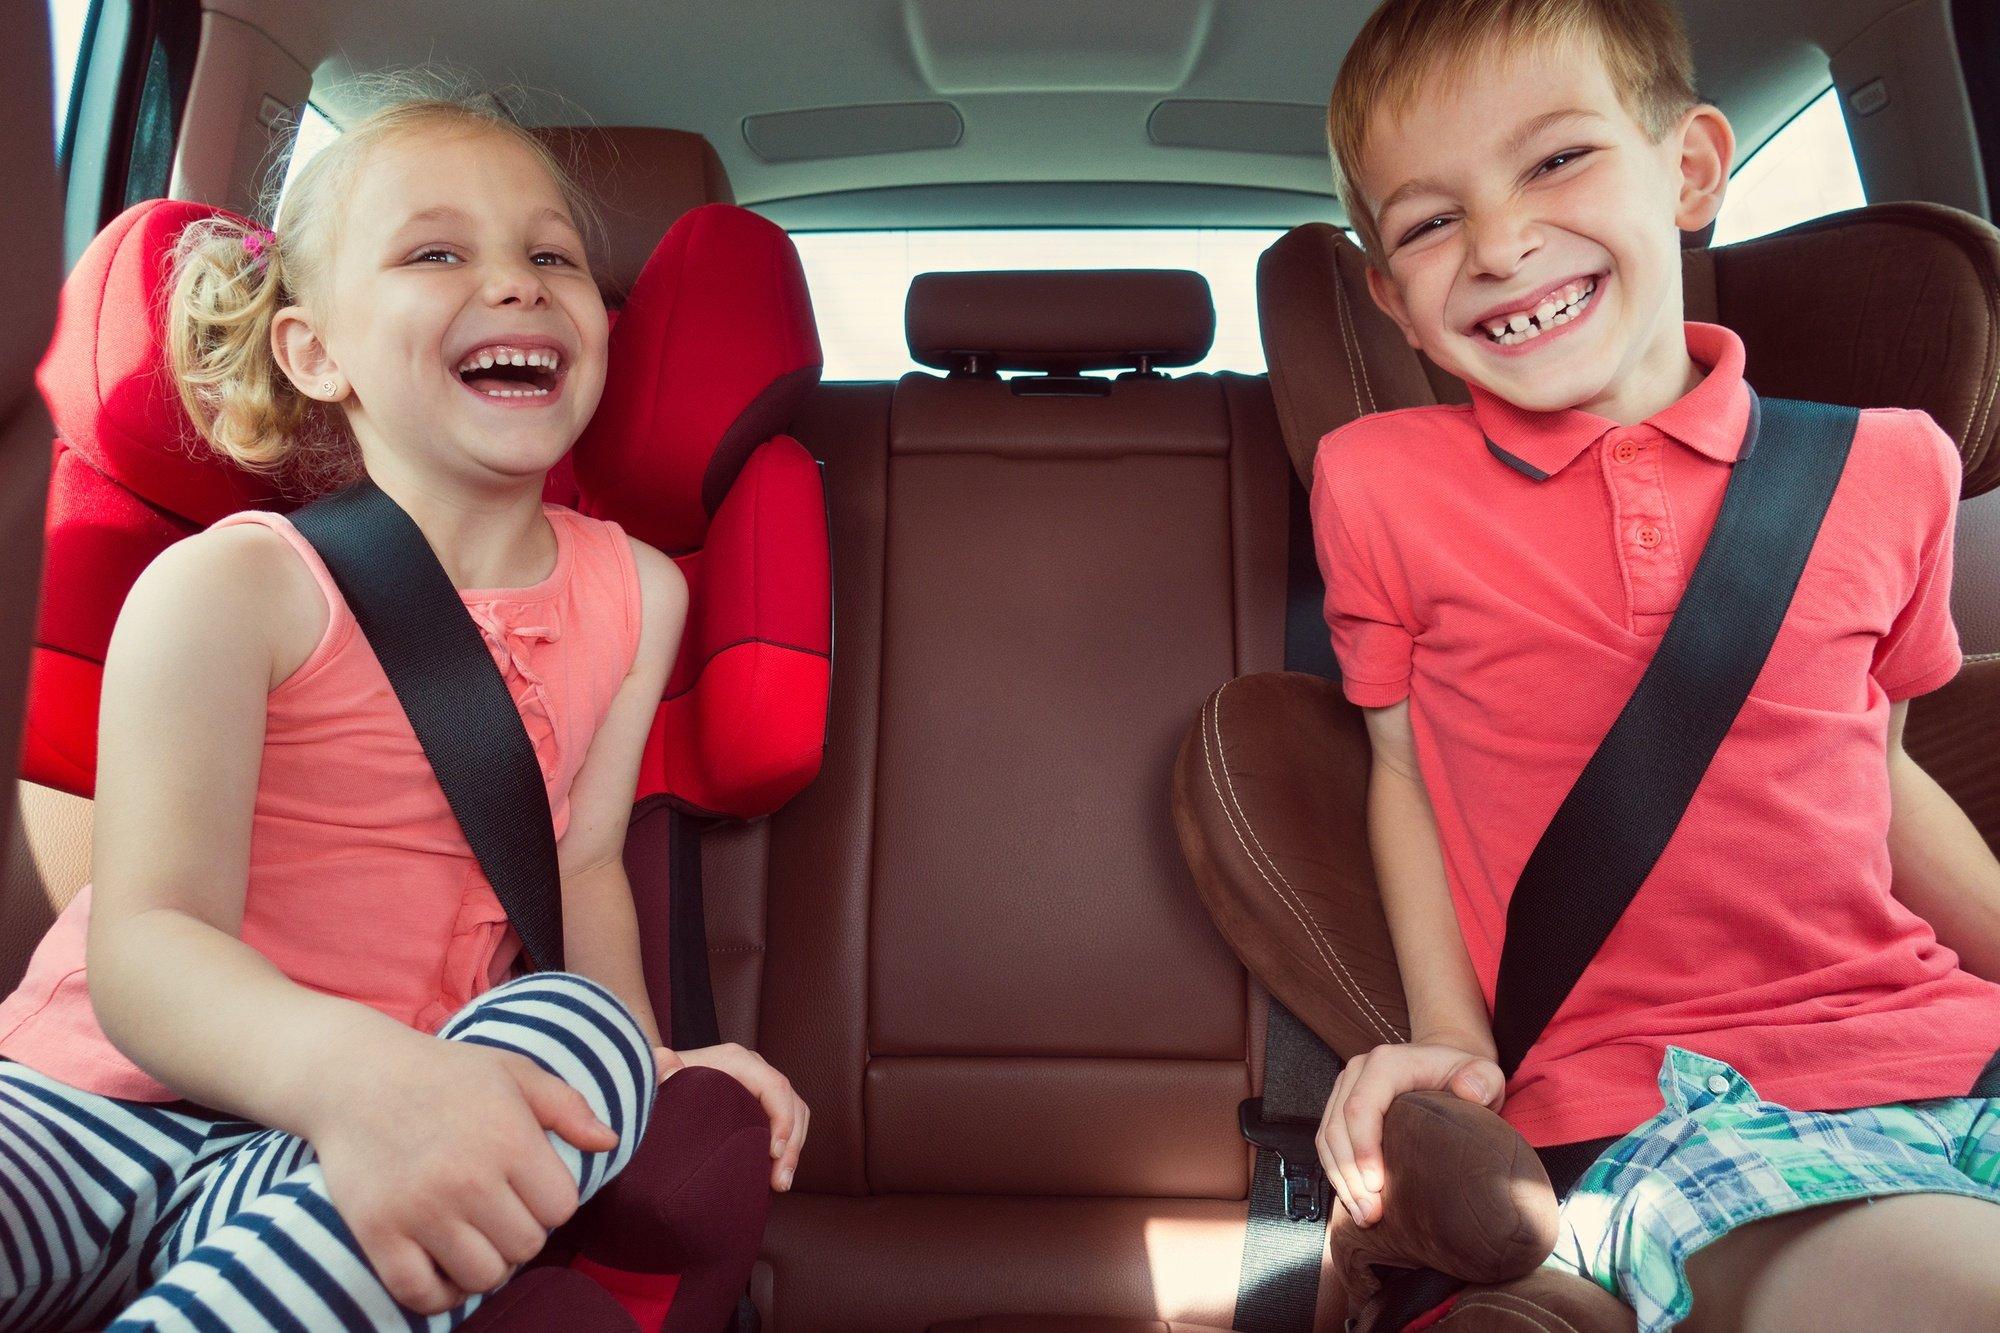 Grade school kids on road trip